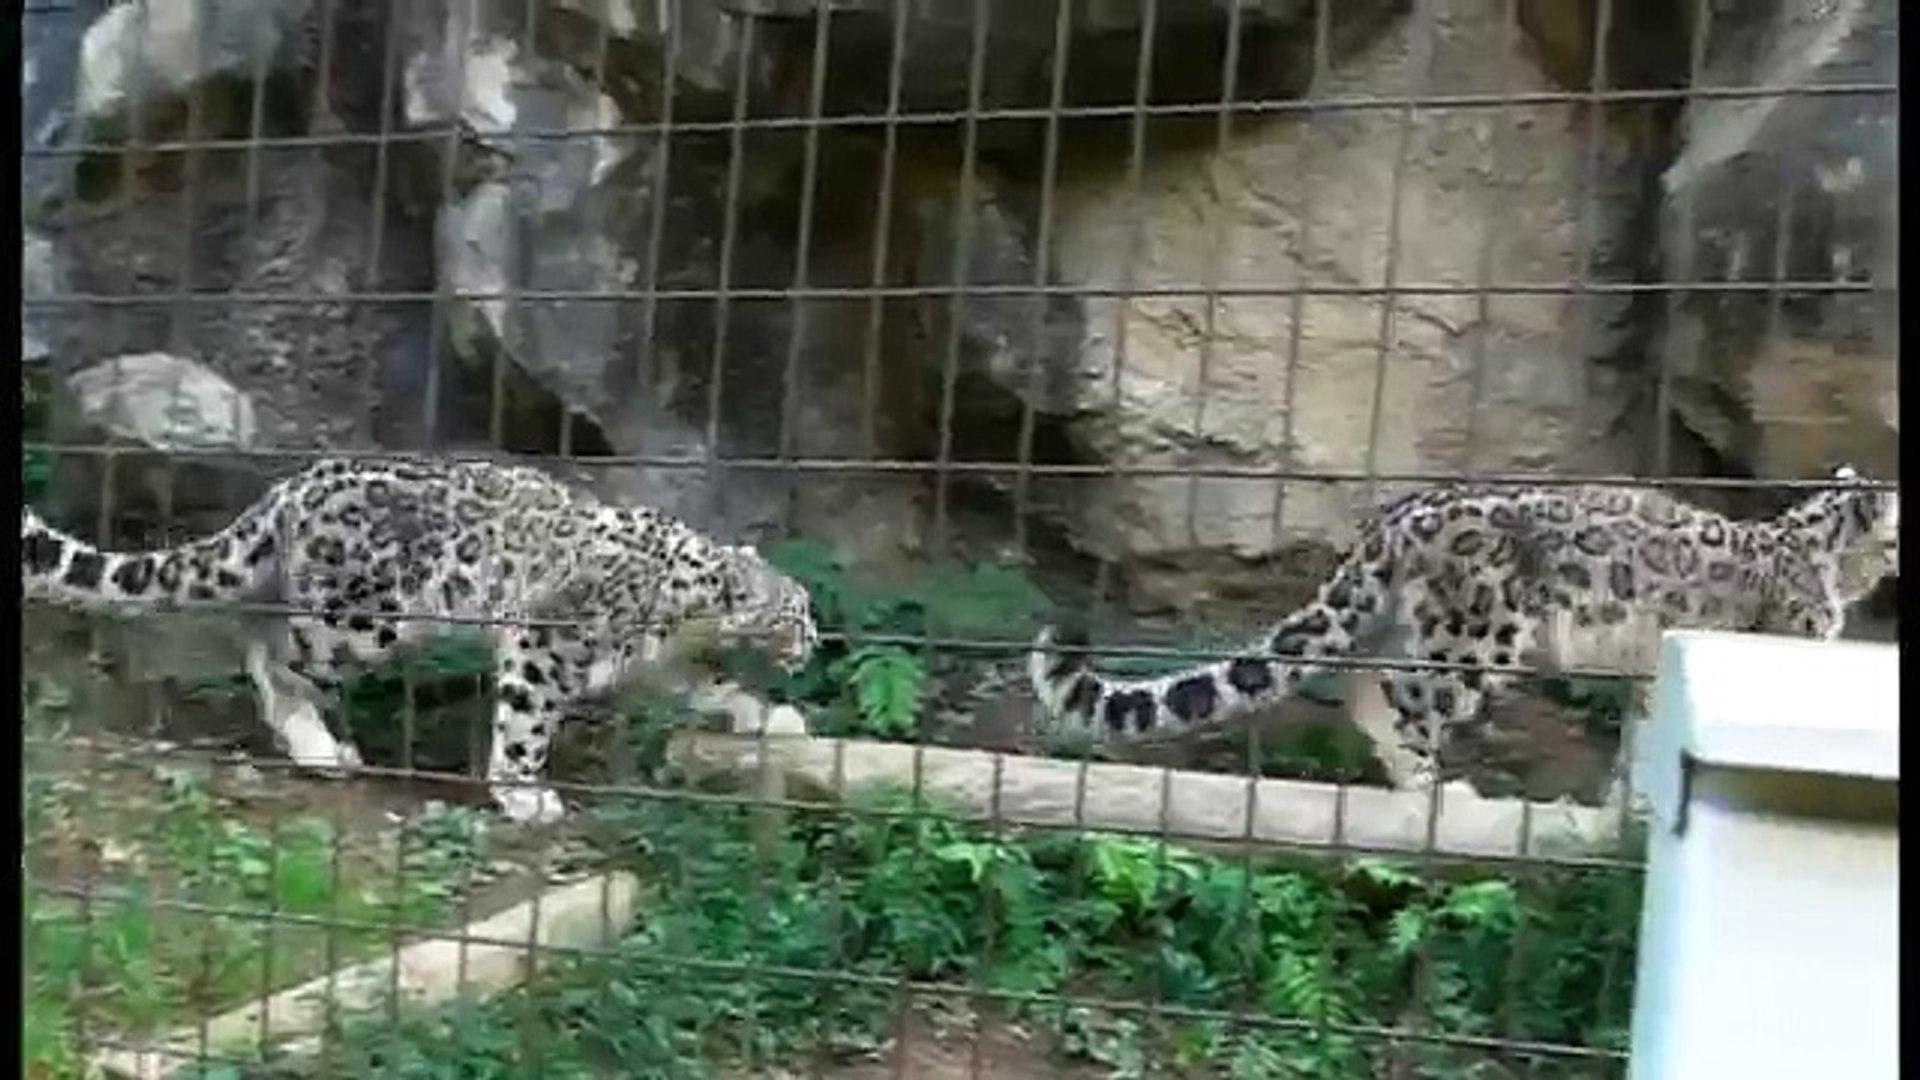 麻袋で遊ぶユキヒョウっ仔三兄妹Snow leopard cubs play with Jute bags